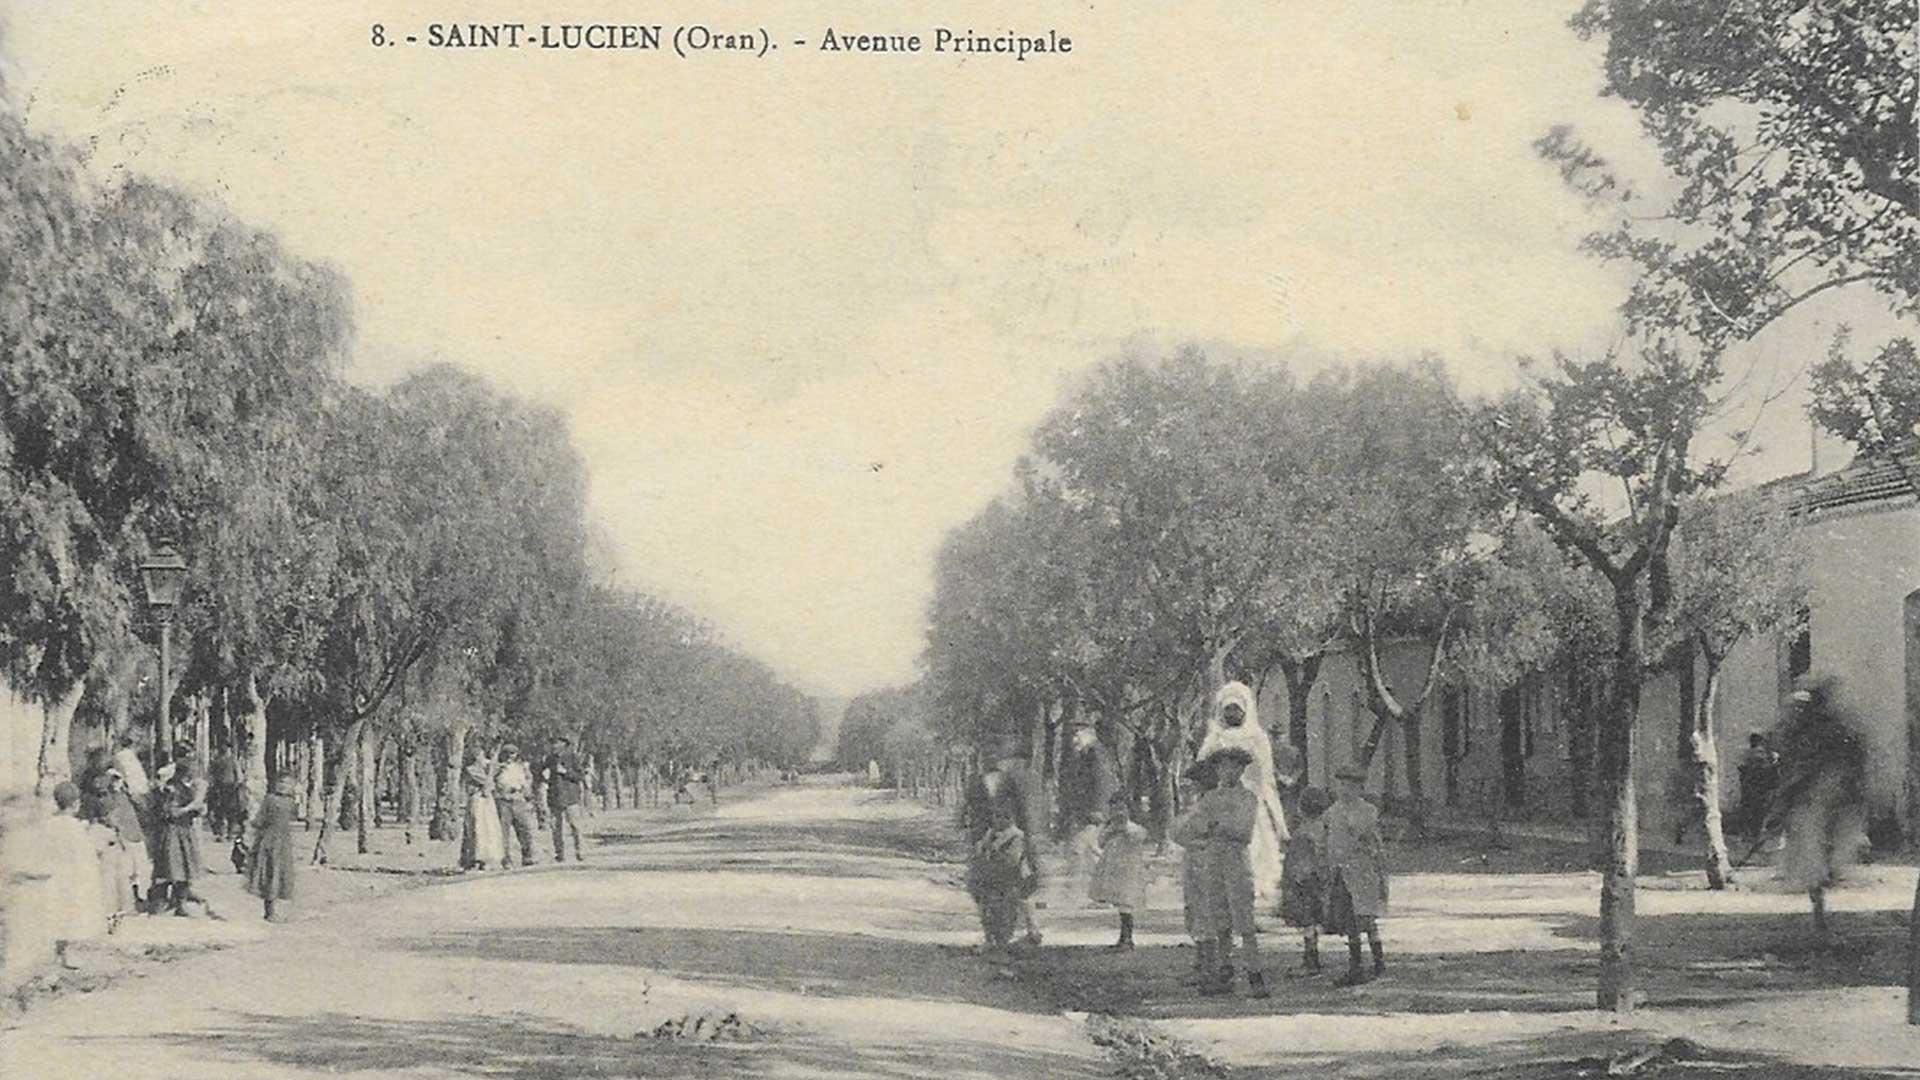 Oran-Saint-Lucien